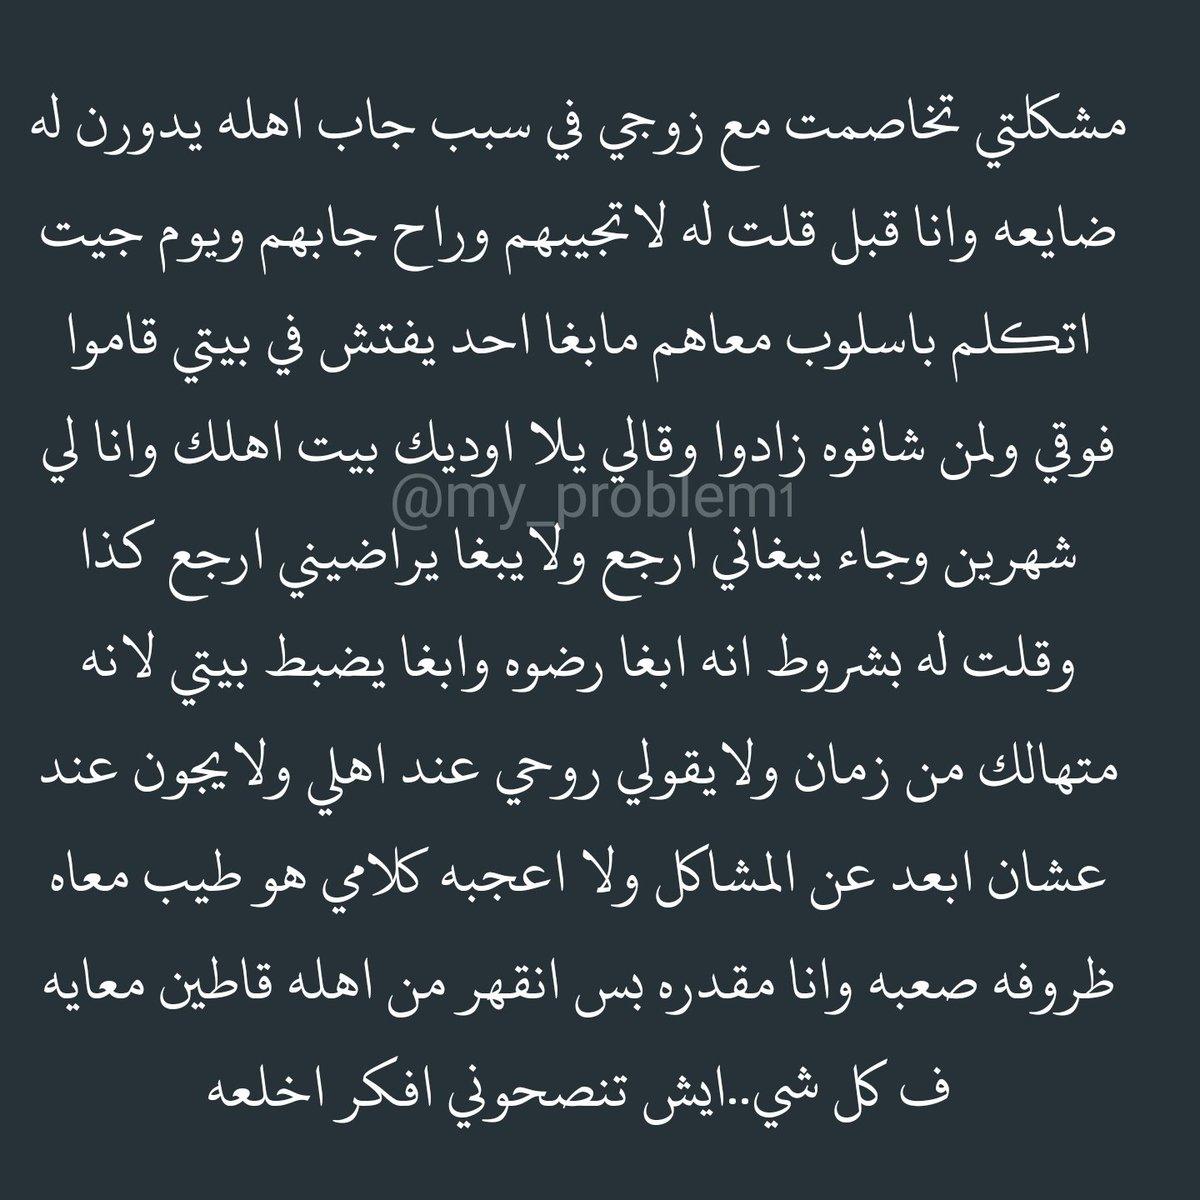 مشكلتي On Twitter مشكلتي تخاصمت مع زوجي في سبب جاب اهله حلولكم